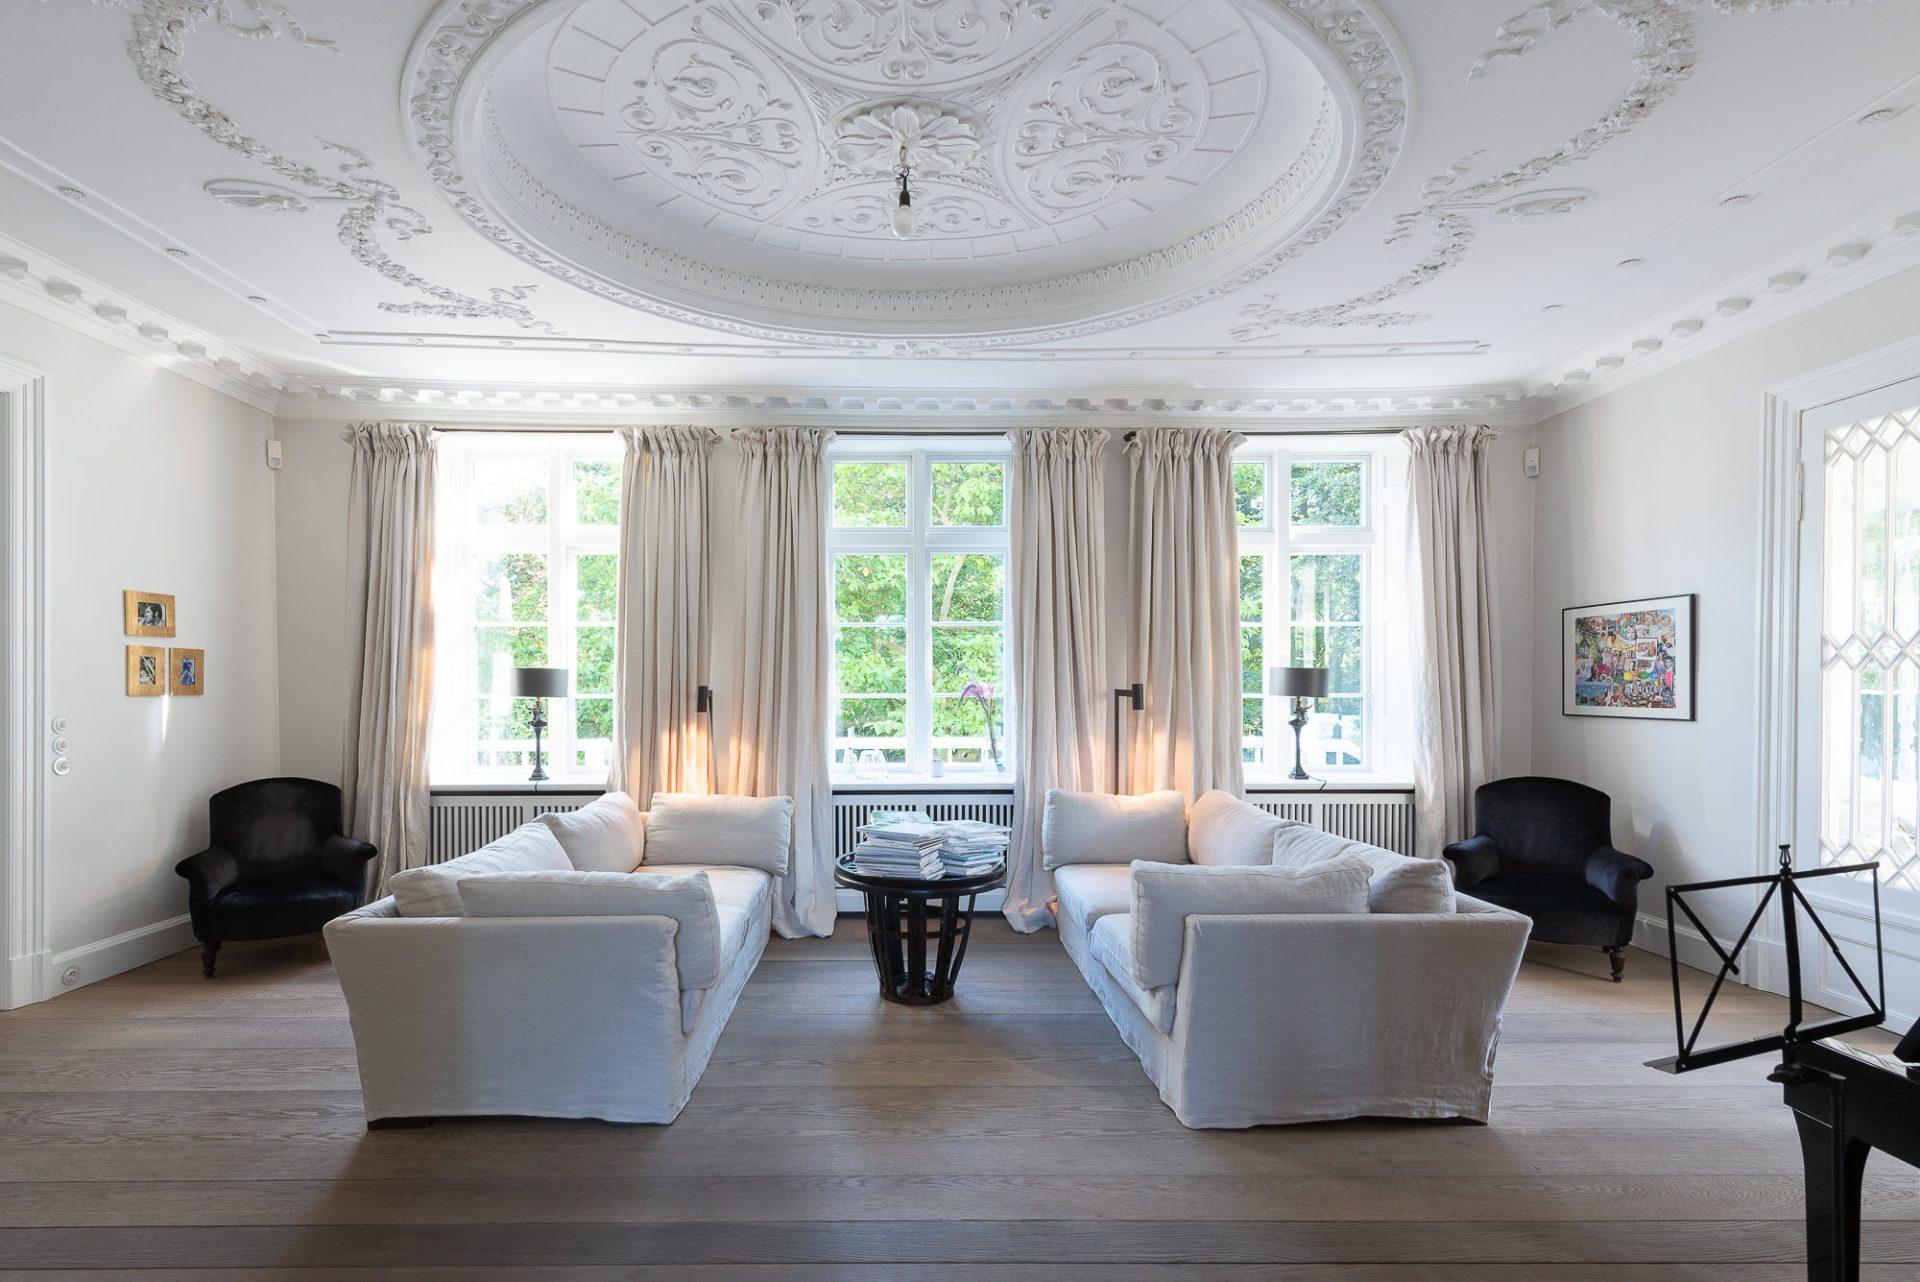 Immobilien Fotograf in Hamburg für Ferienwohnungen ©Offenblende / Mica MIRE